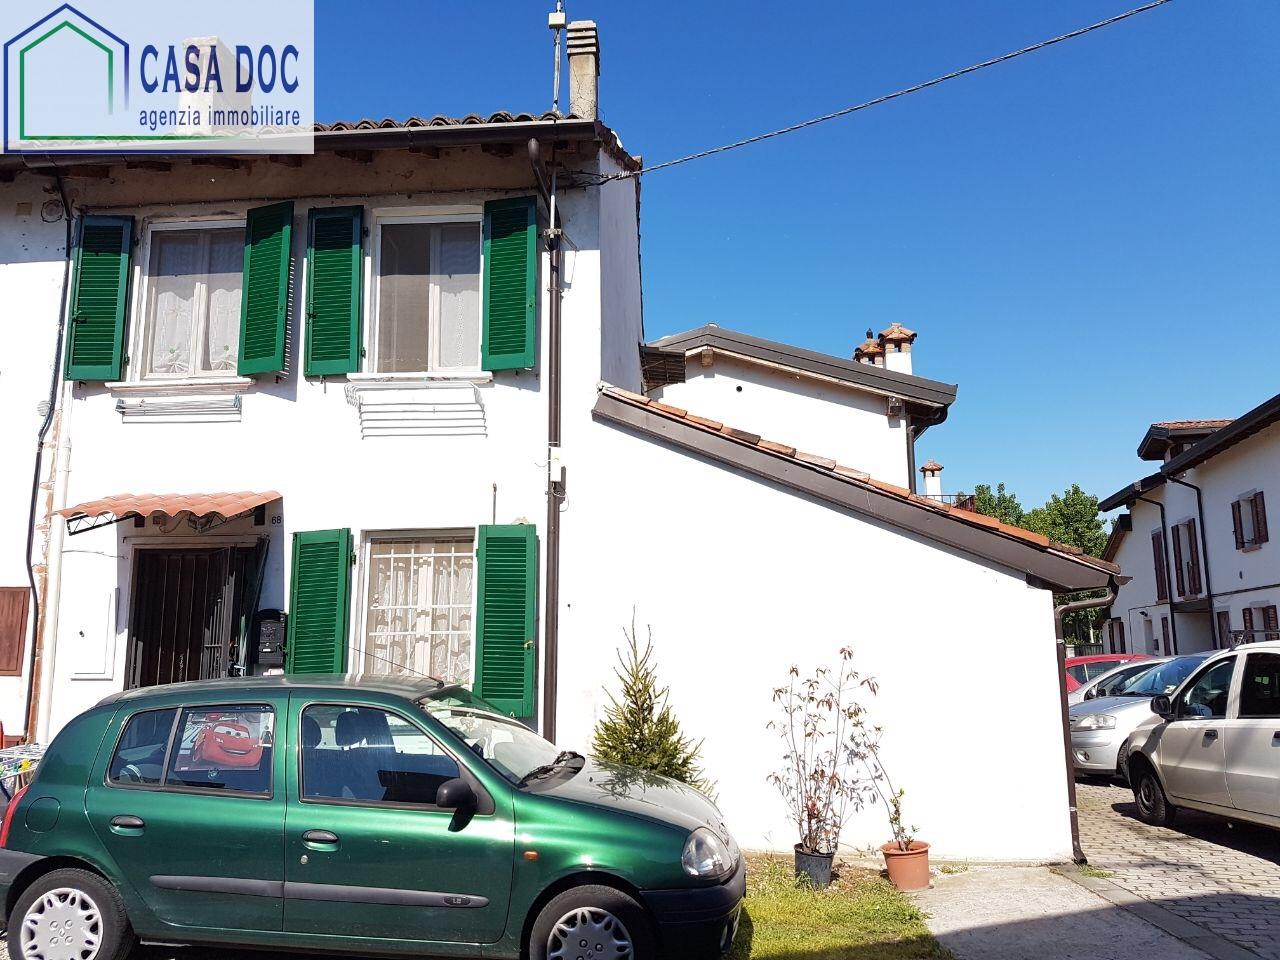 Appartamento in vendita a Marzano, 2 locali, prezzo € 39.000 | CambioCasa.it